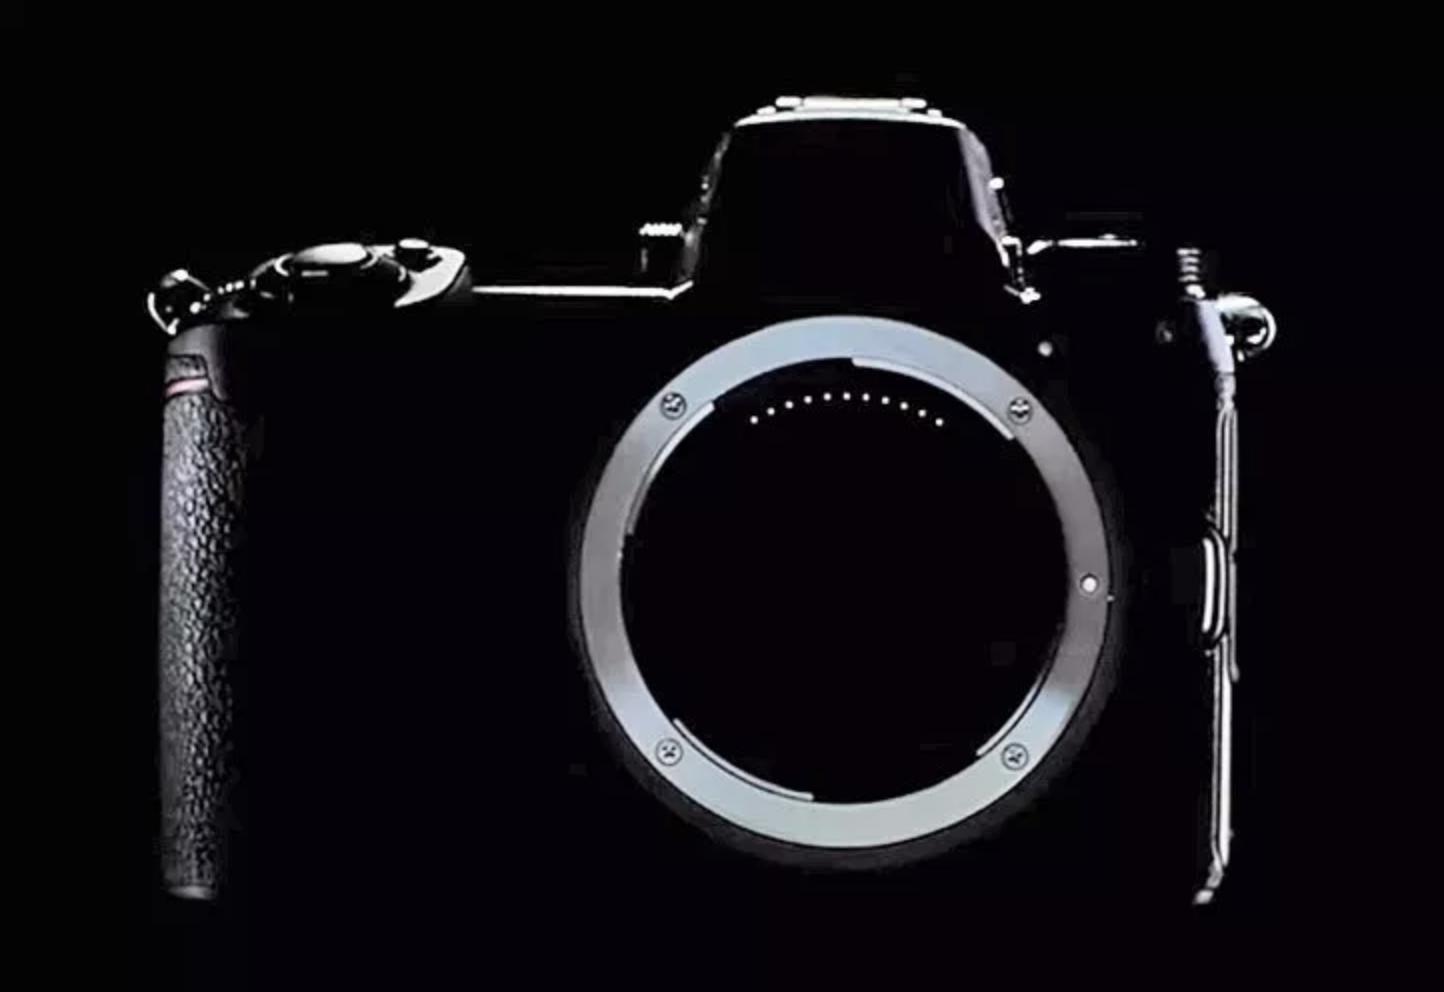 Nikon si prepara a lanciare la sua nuova full frame mirrorless il prossimo 23 agosto